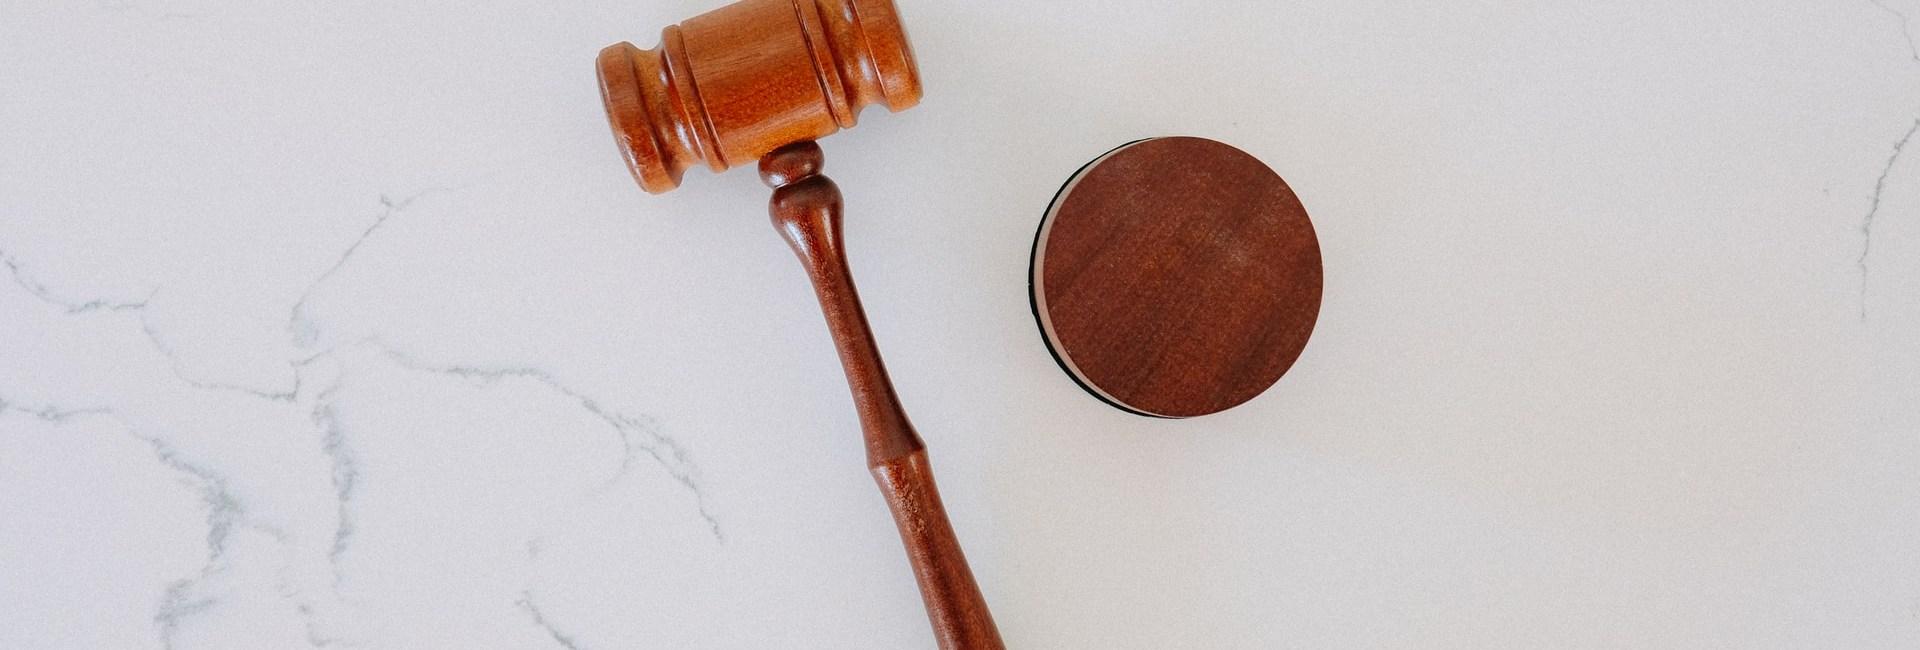 Λαϊκά Δικαστήρια ή Συντεταγμένη Απονομή της Ποινικής Δικαιοσύνης;